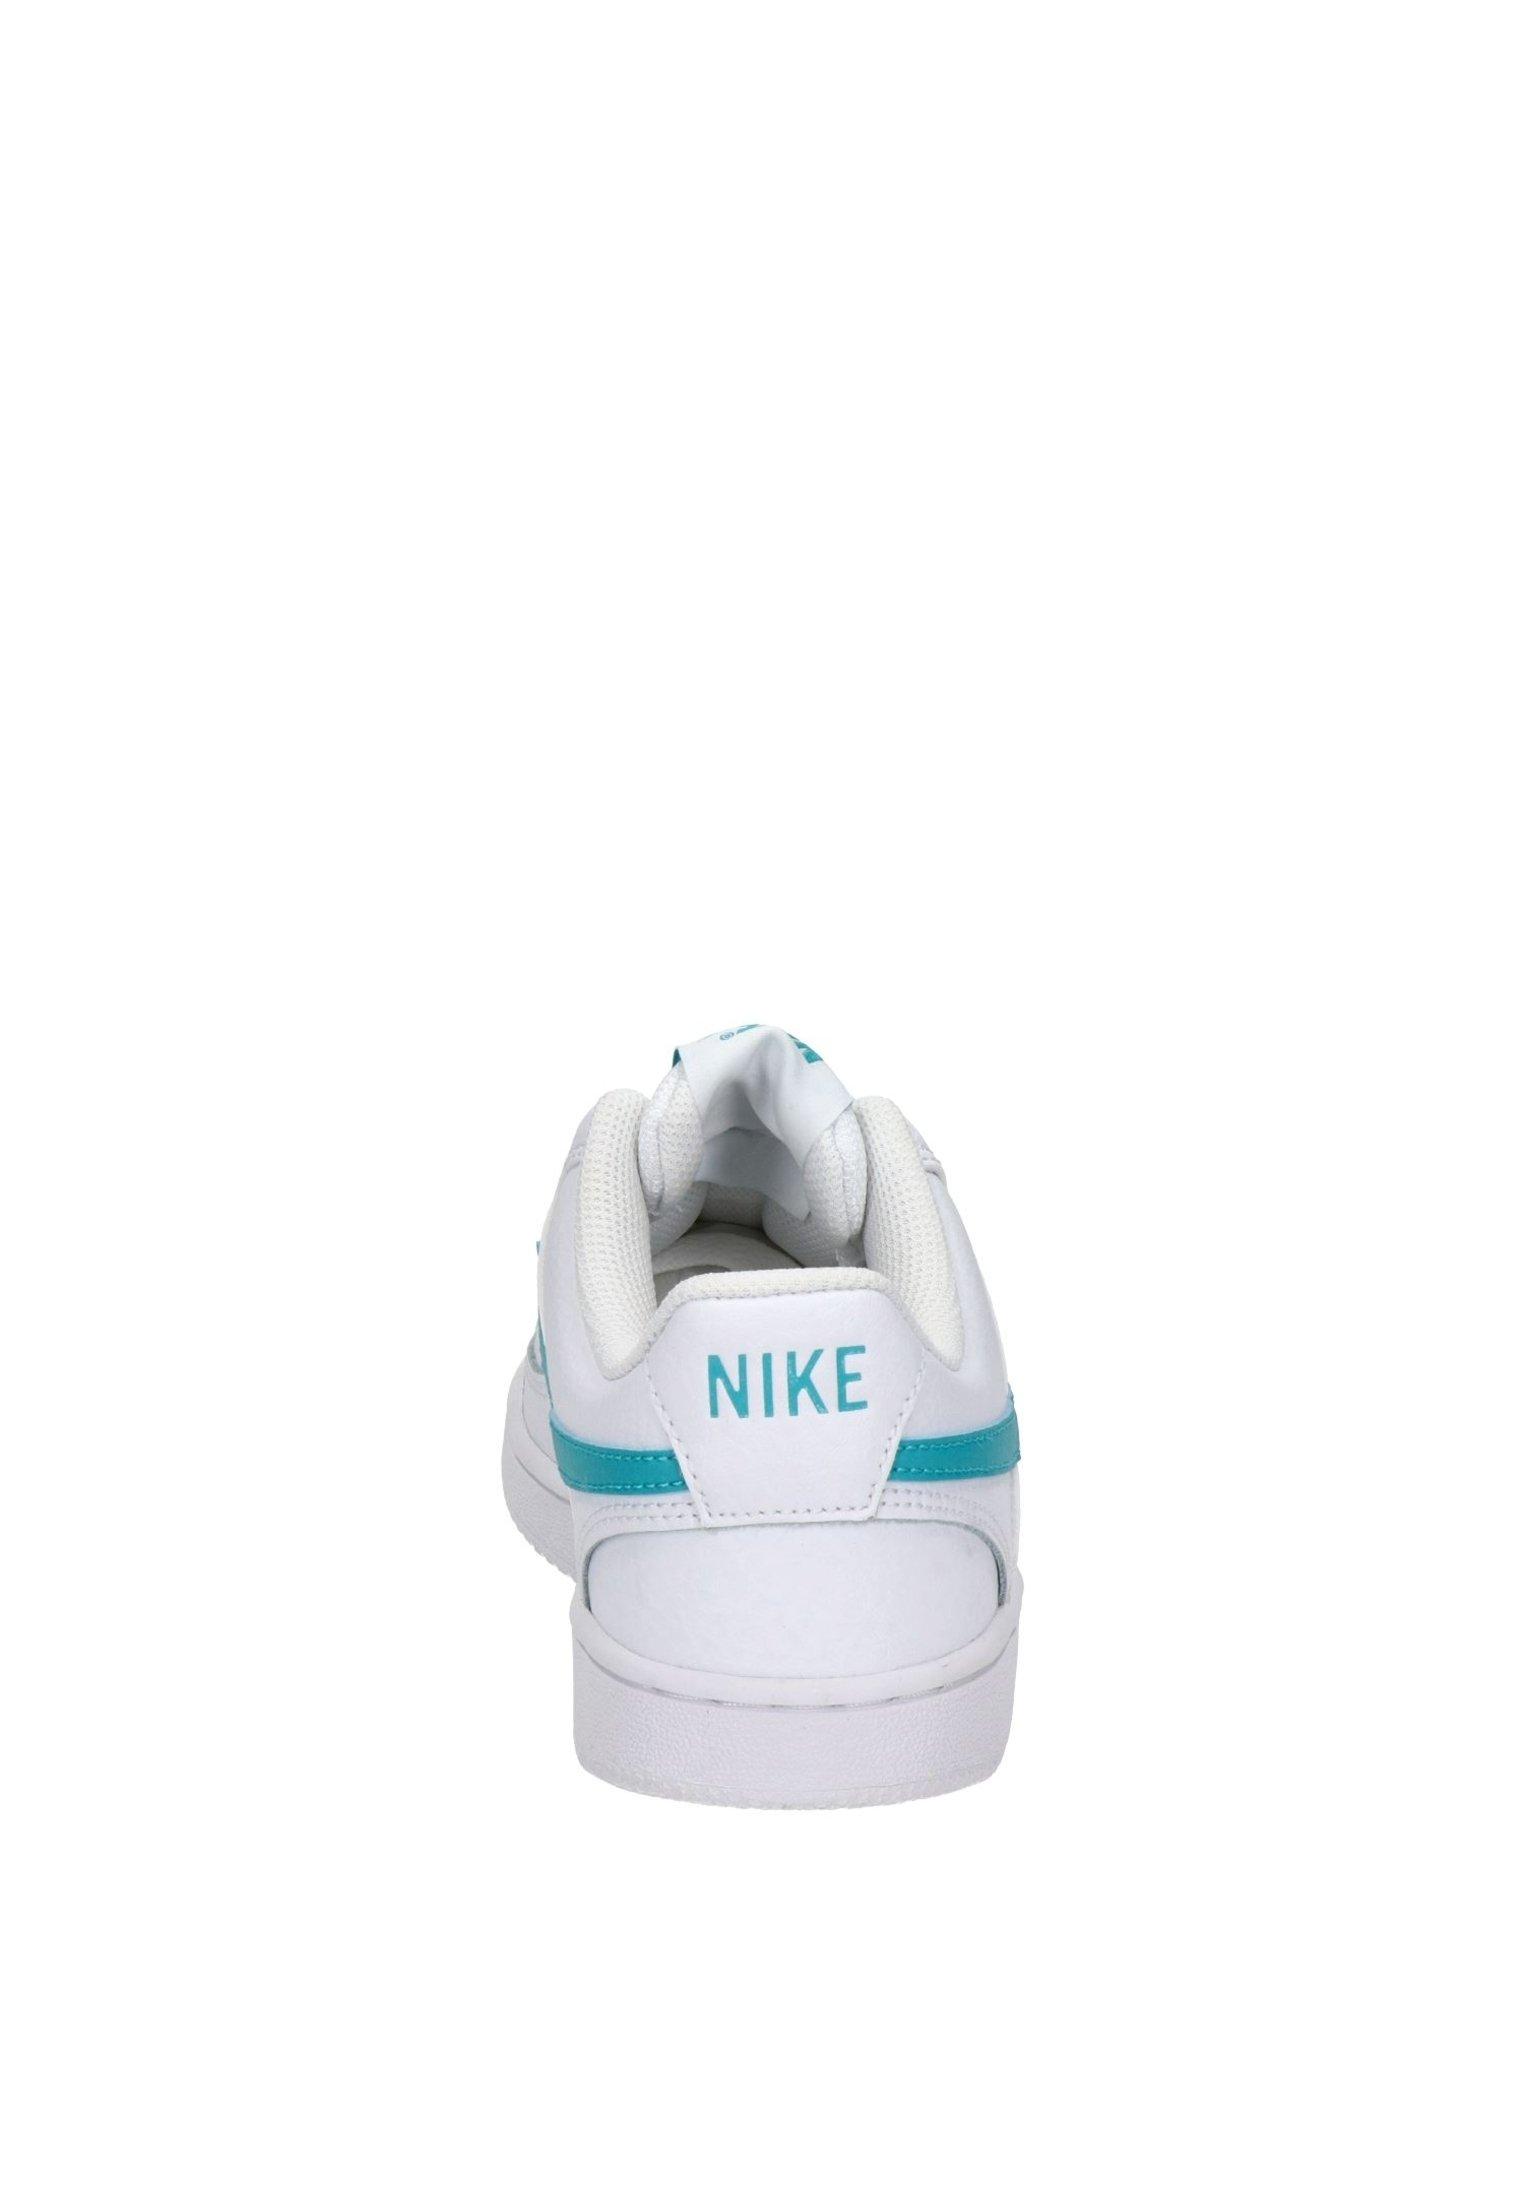 Nike Sb Sneakers Laag - White Goedkope Schoenen